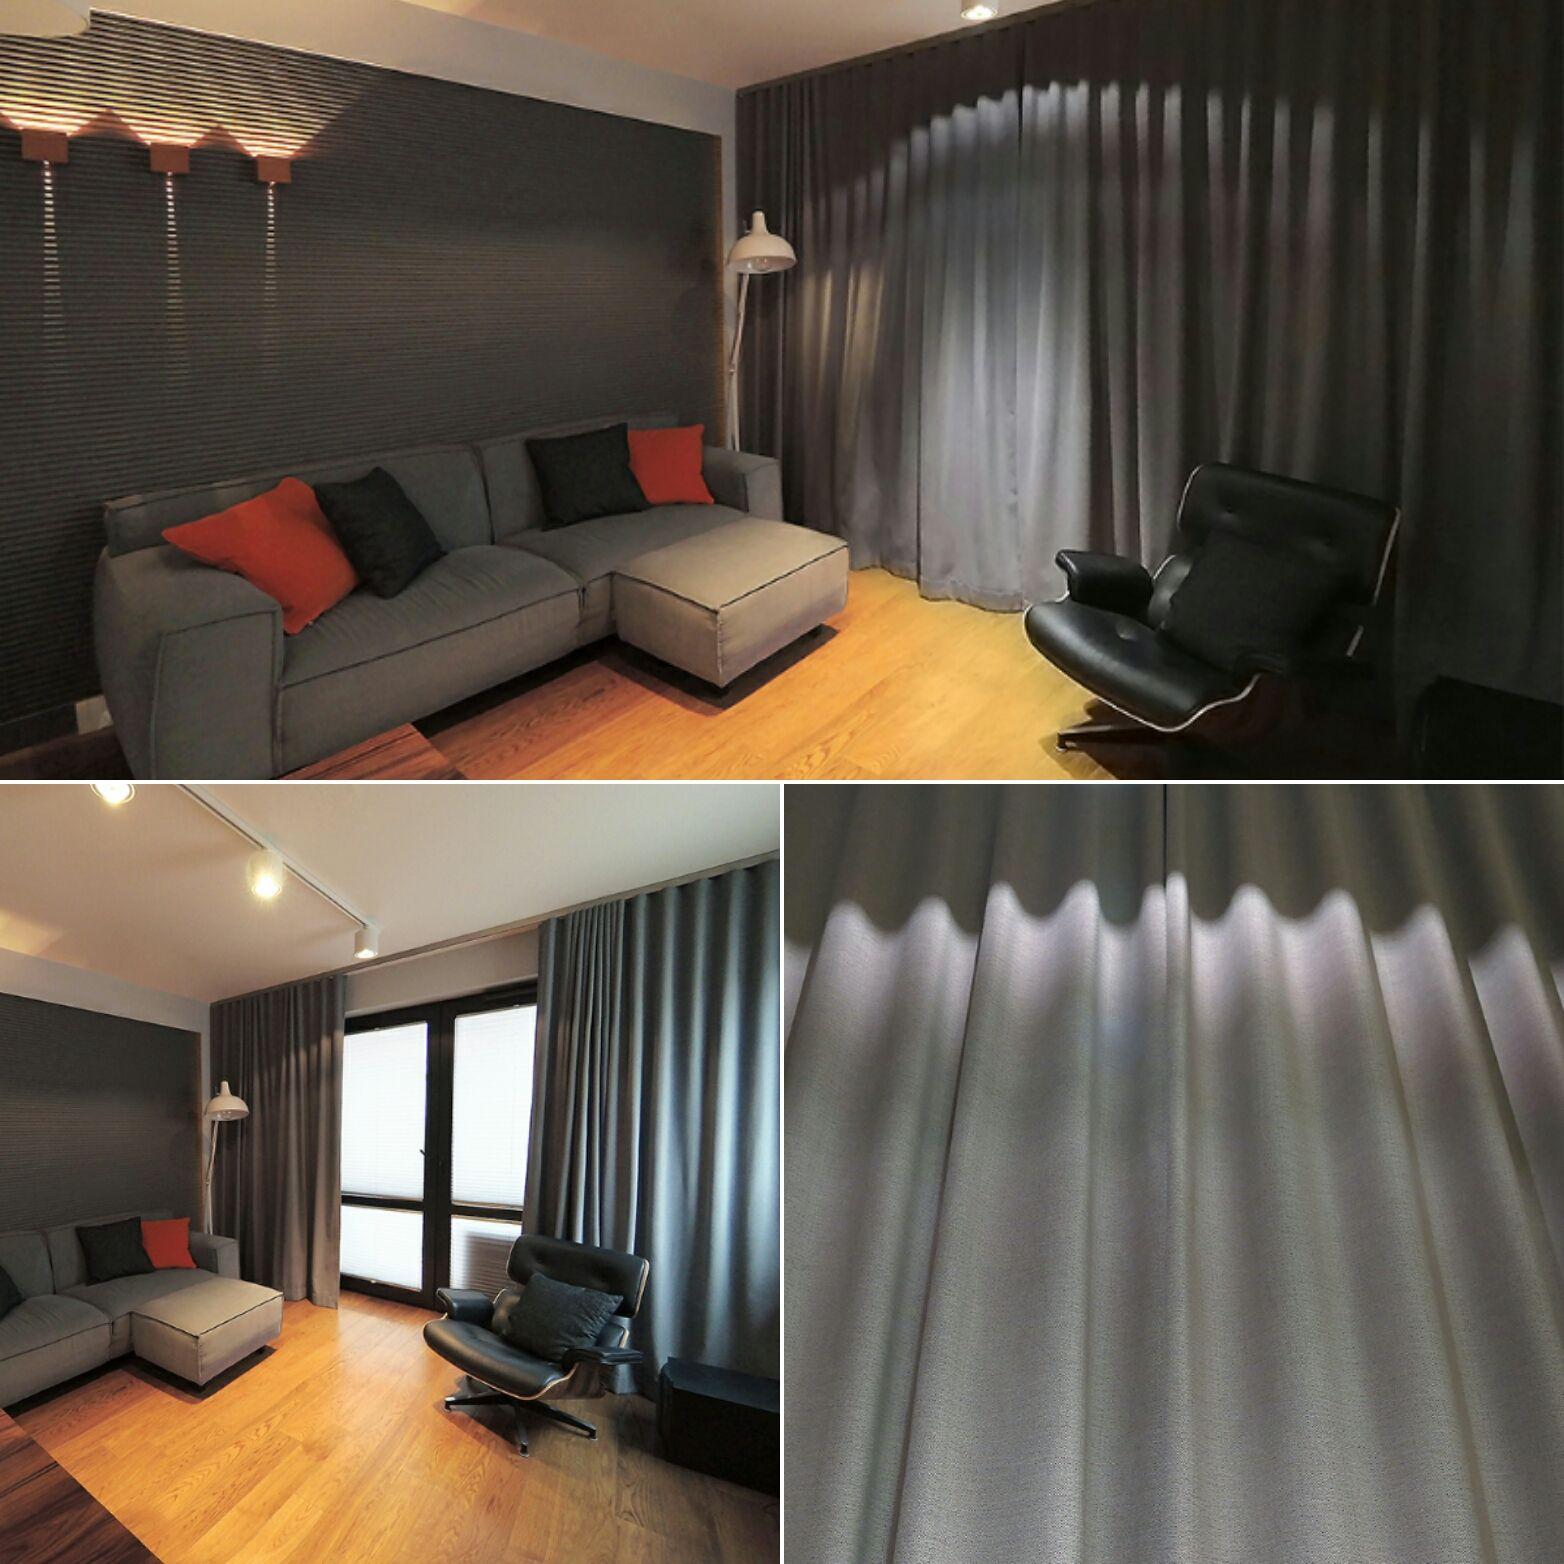 Salon zasłony system wave fafgotex tkanina sofia dekoracje